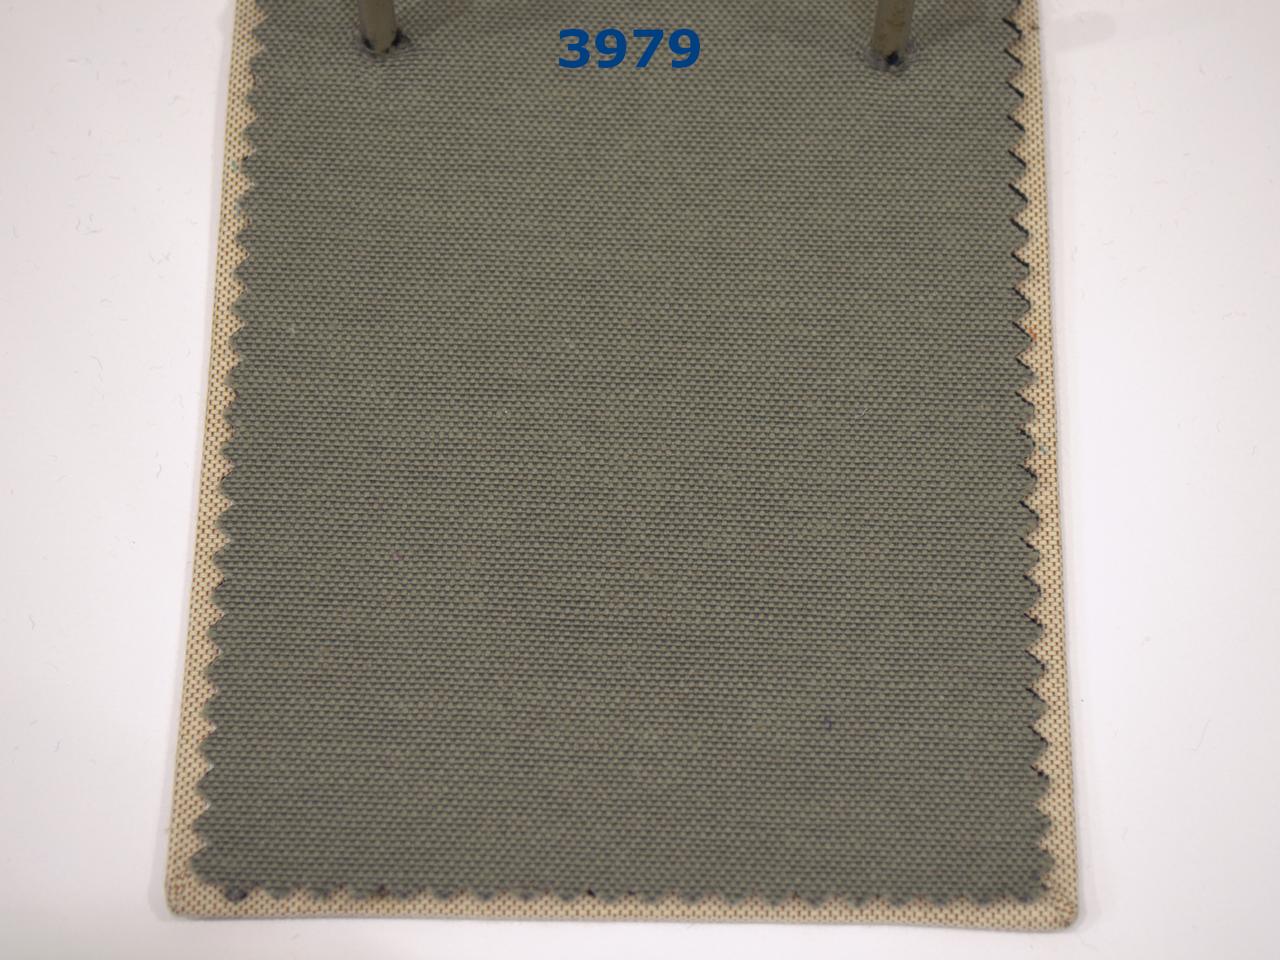 Тканина для Скатертин Графіт з просоченням Тефлон-180 Однотонна Туреччина 180см ширина